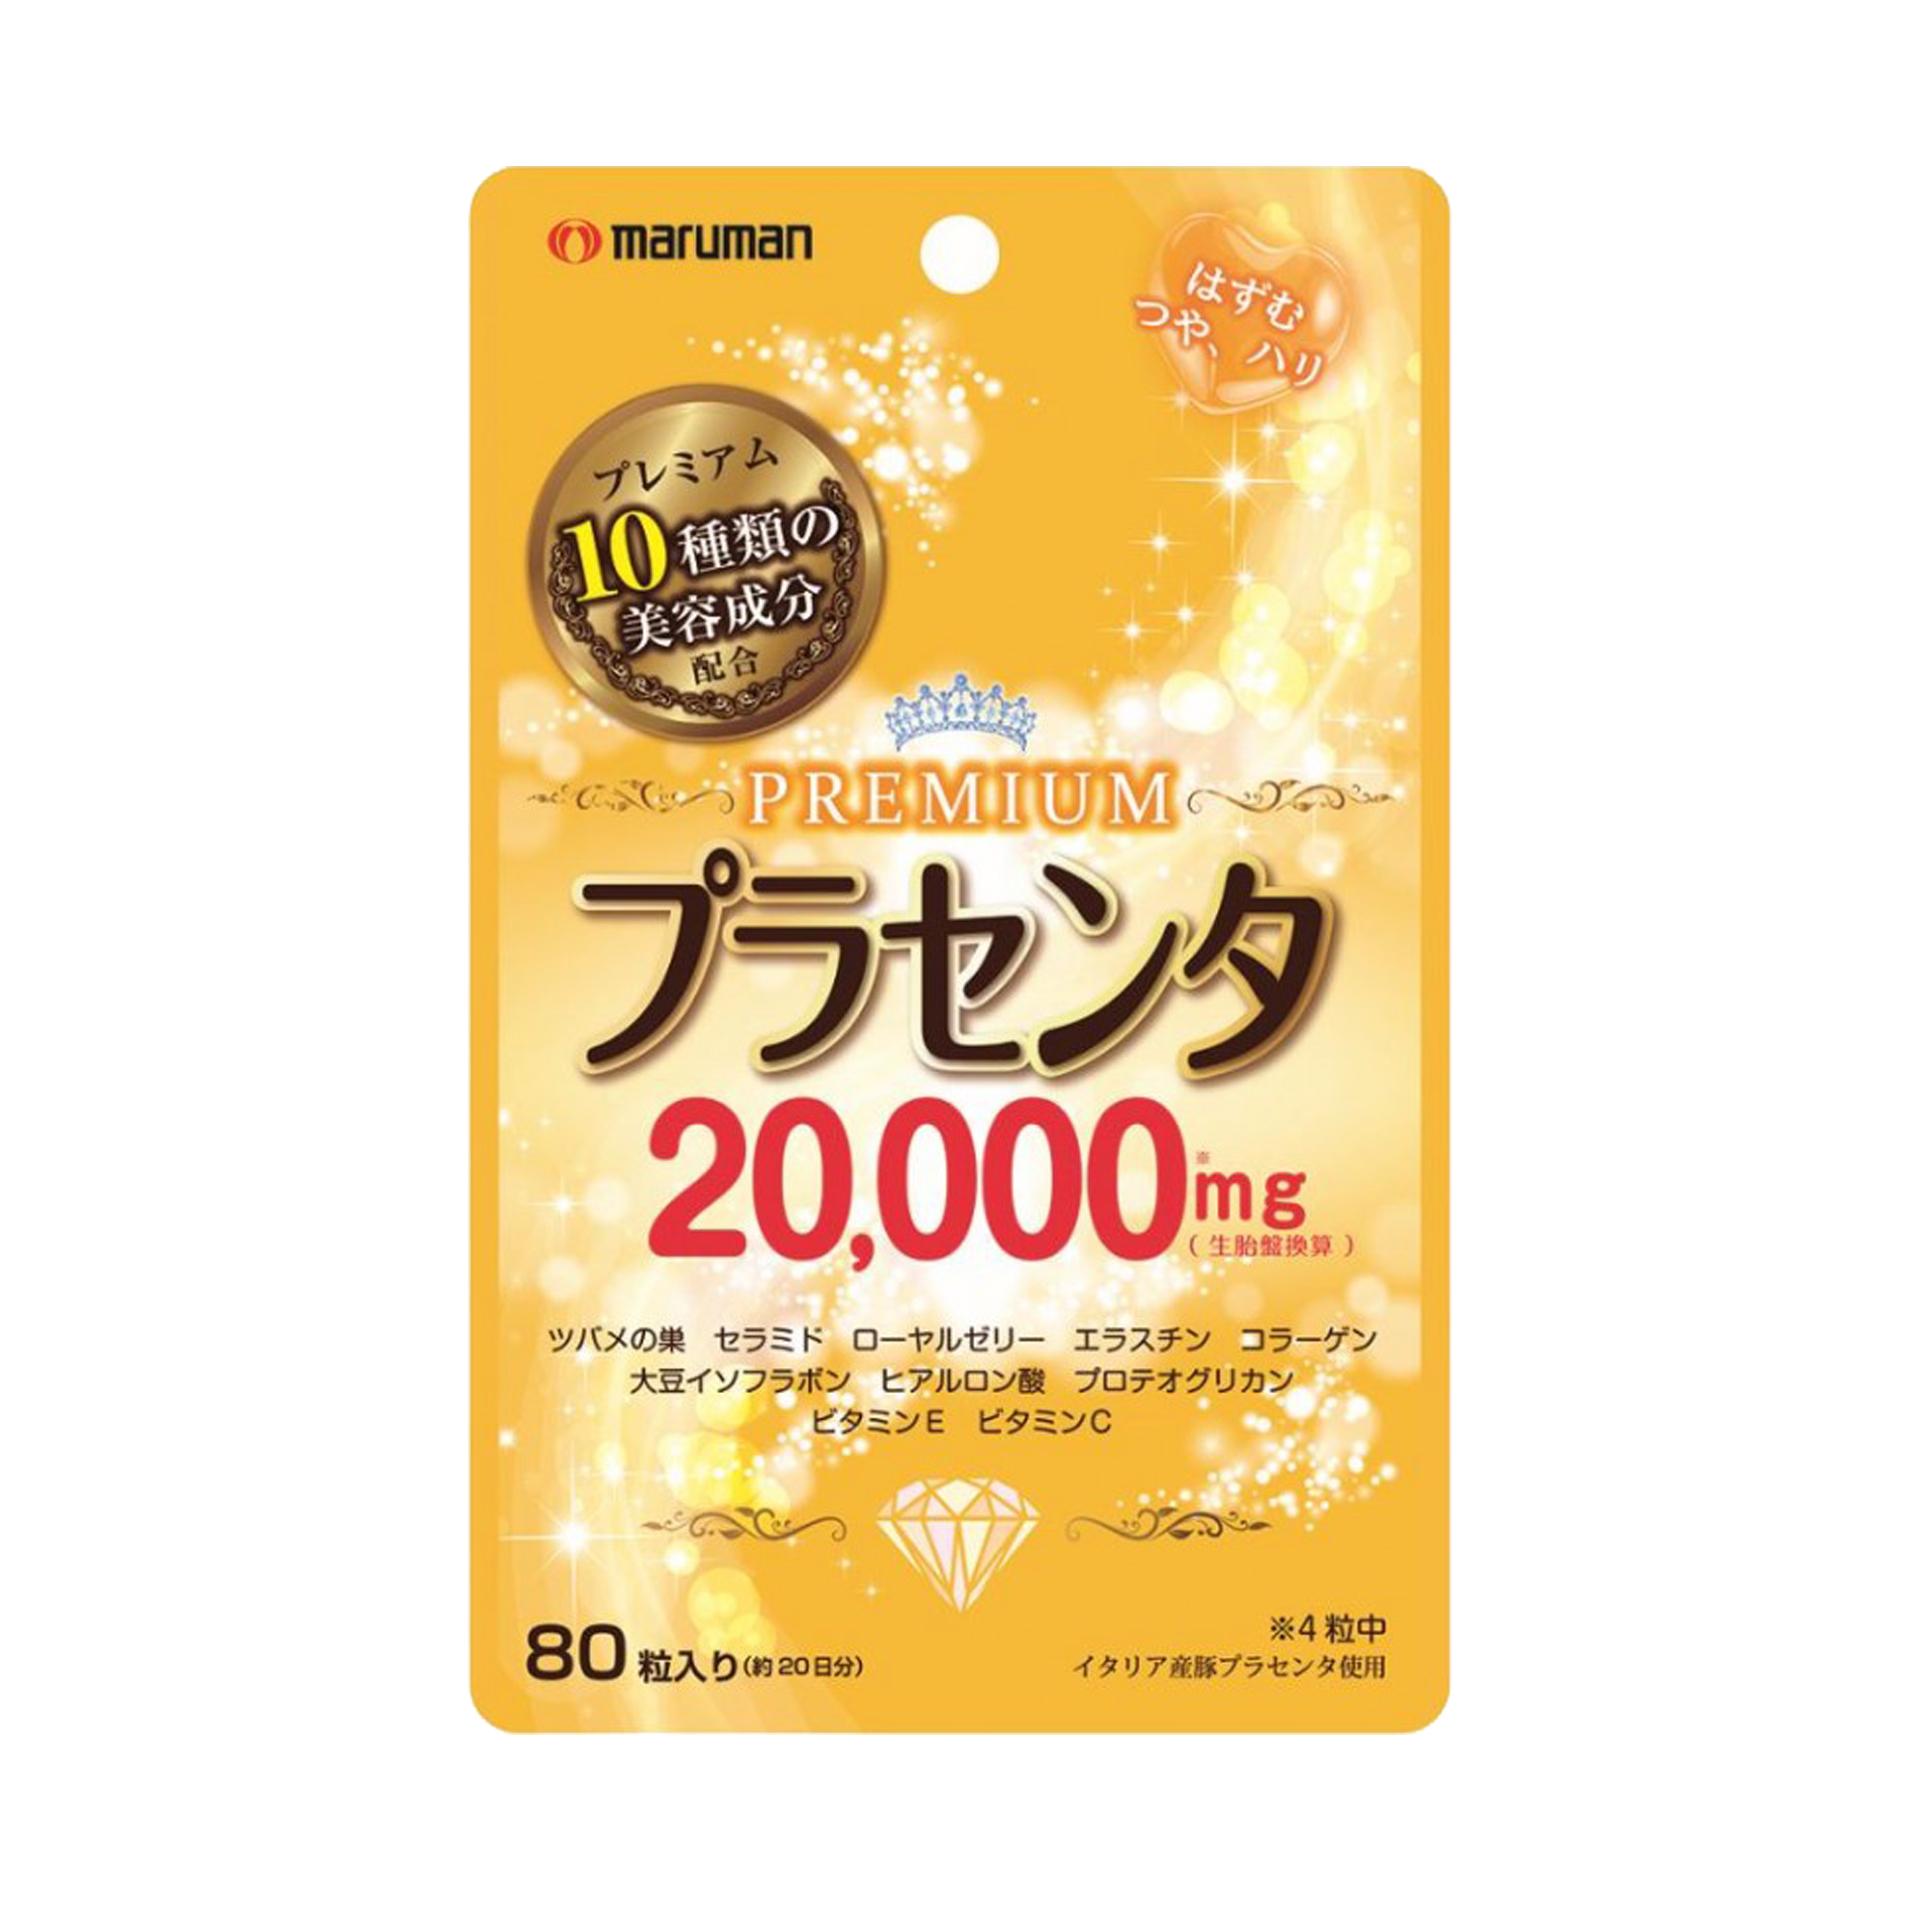 プラセンタ20000プレミアム【1日4粒目安、80粒入り】